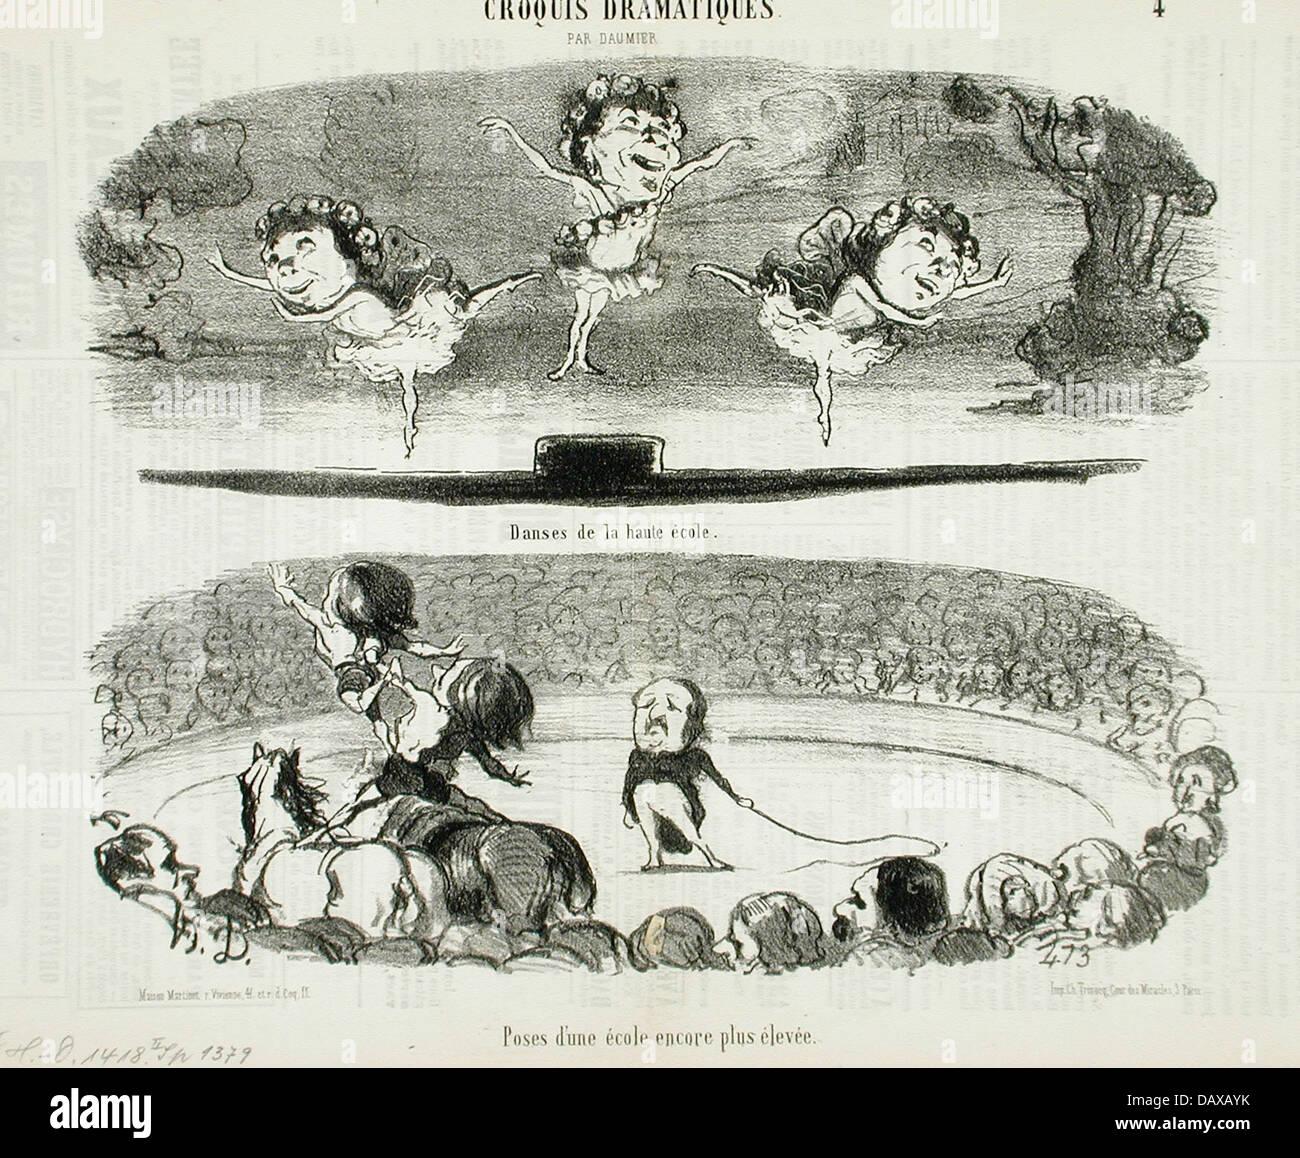 Danses de la haute ecole - Poses d'une ecole... M.91.82.273 - Stock Image